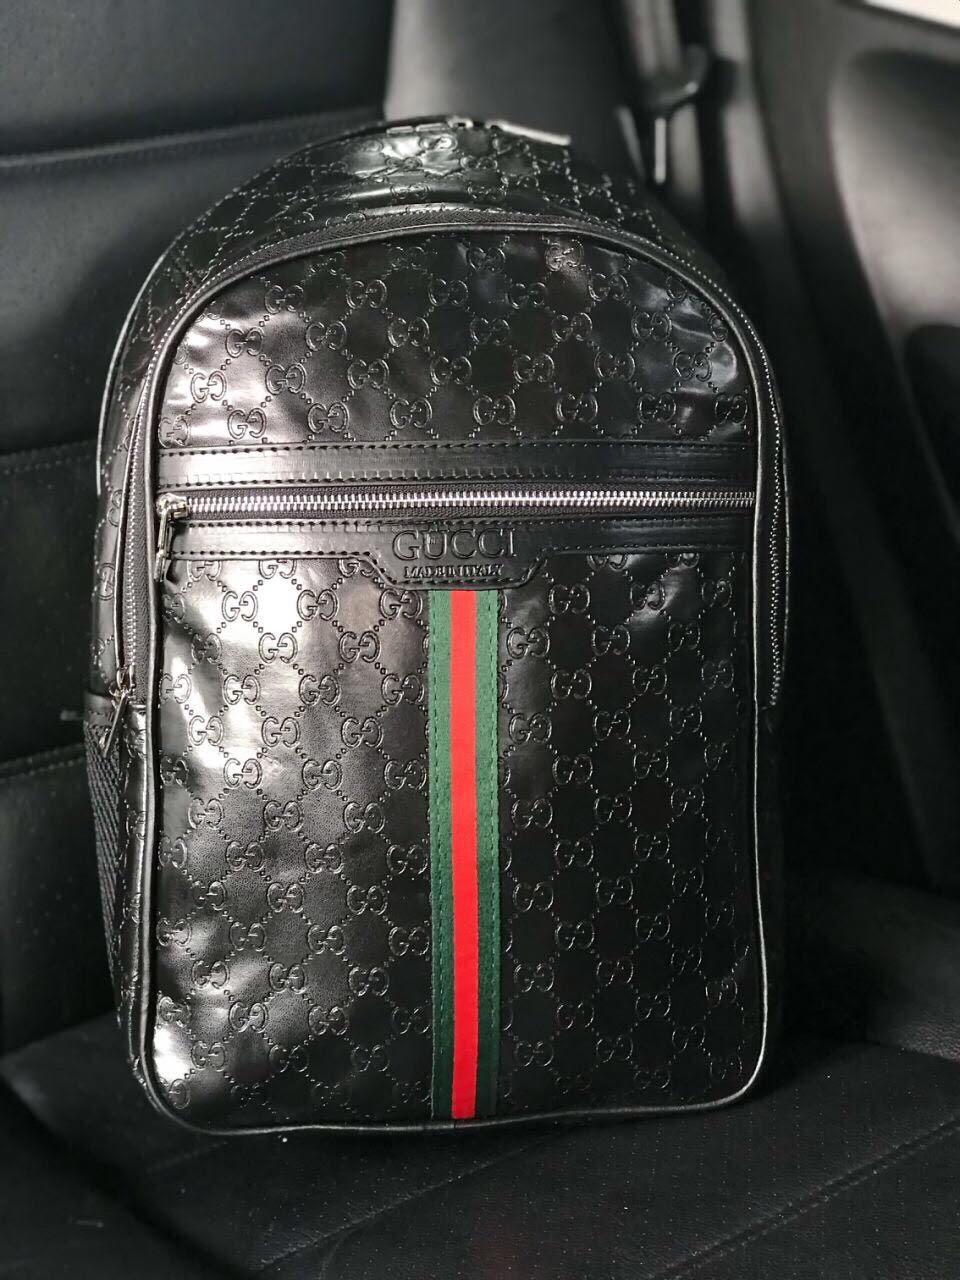 Рюкзак ранец портфель мужской черный женский GUCCI копия реплика - Bigl.ua da6c9d3411a51